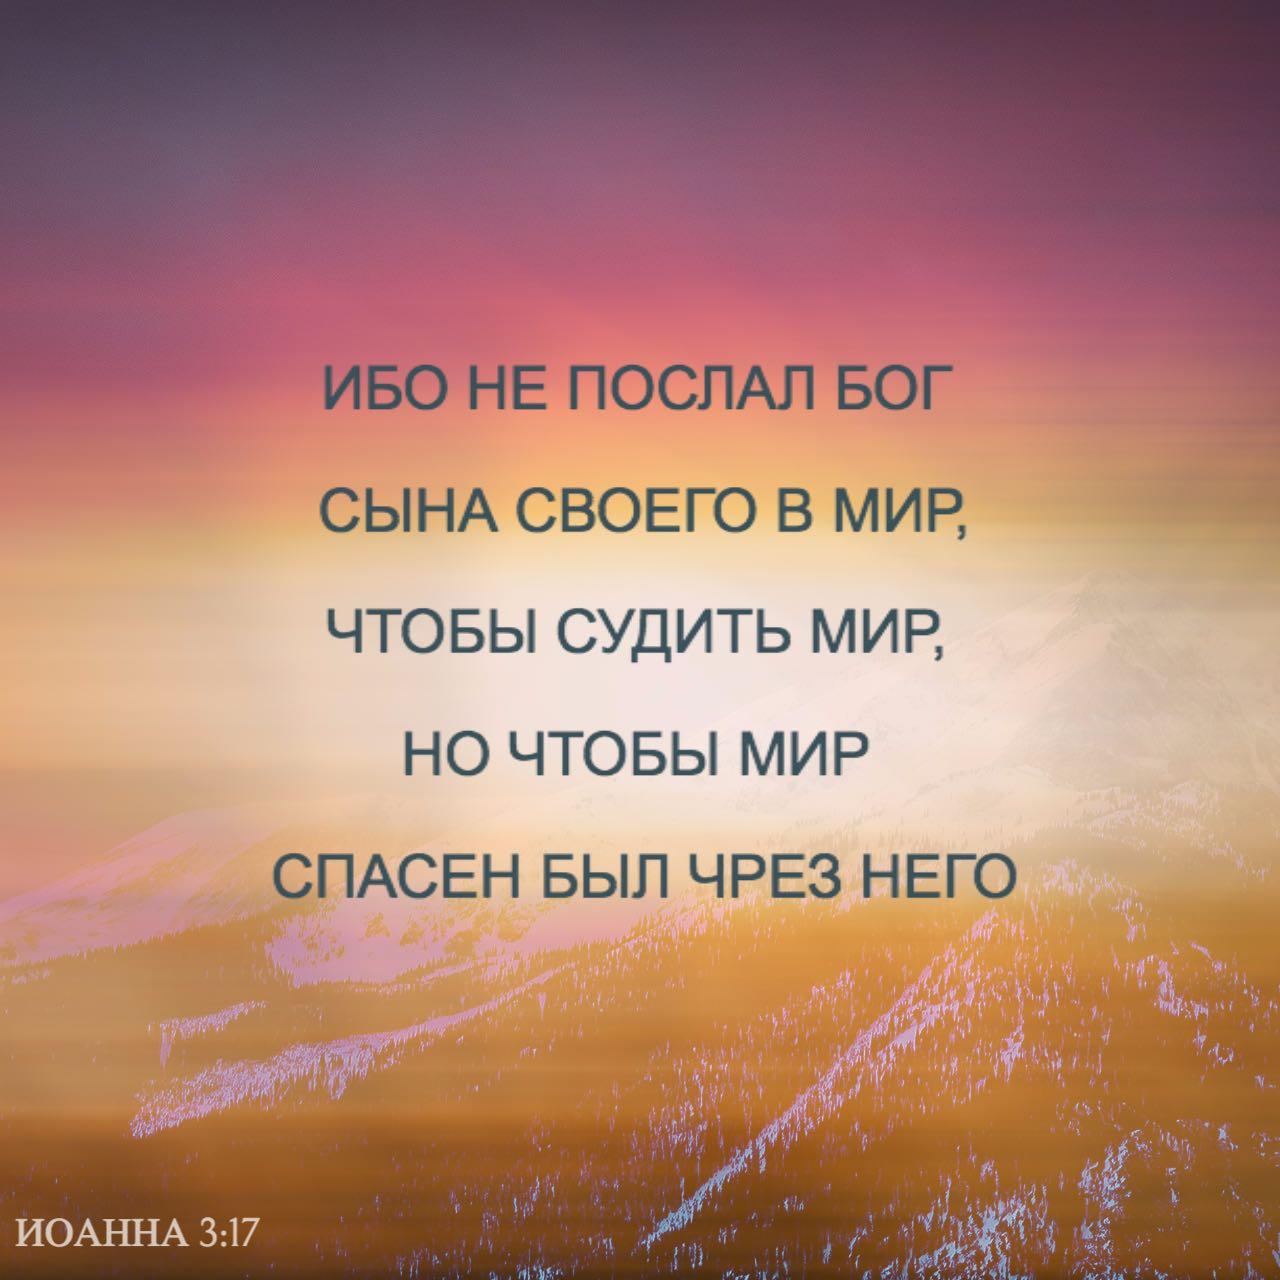 Фото-стих из Иоанна 3:17